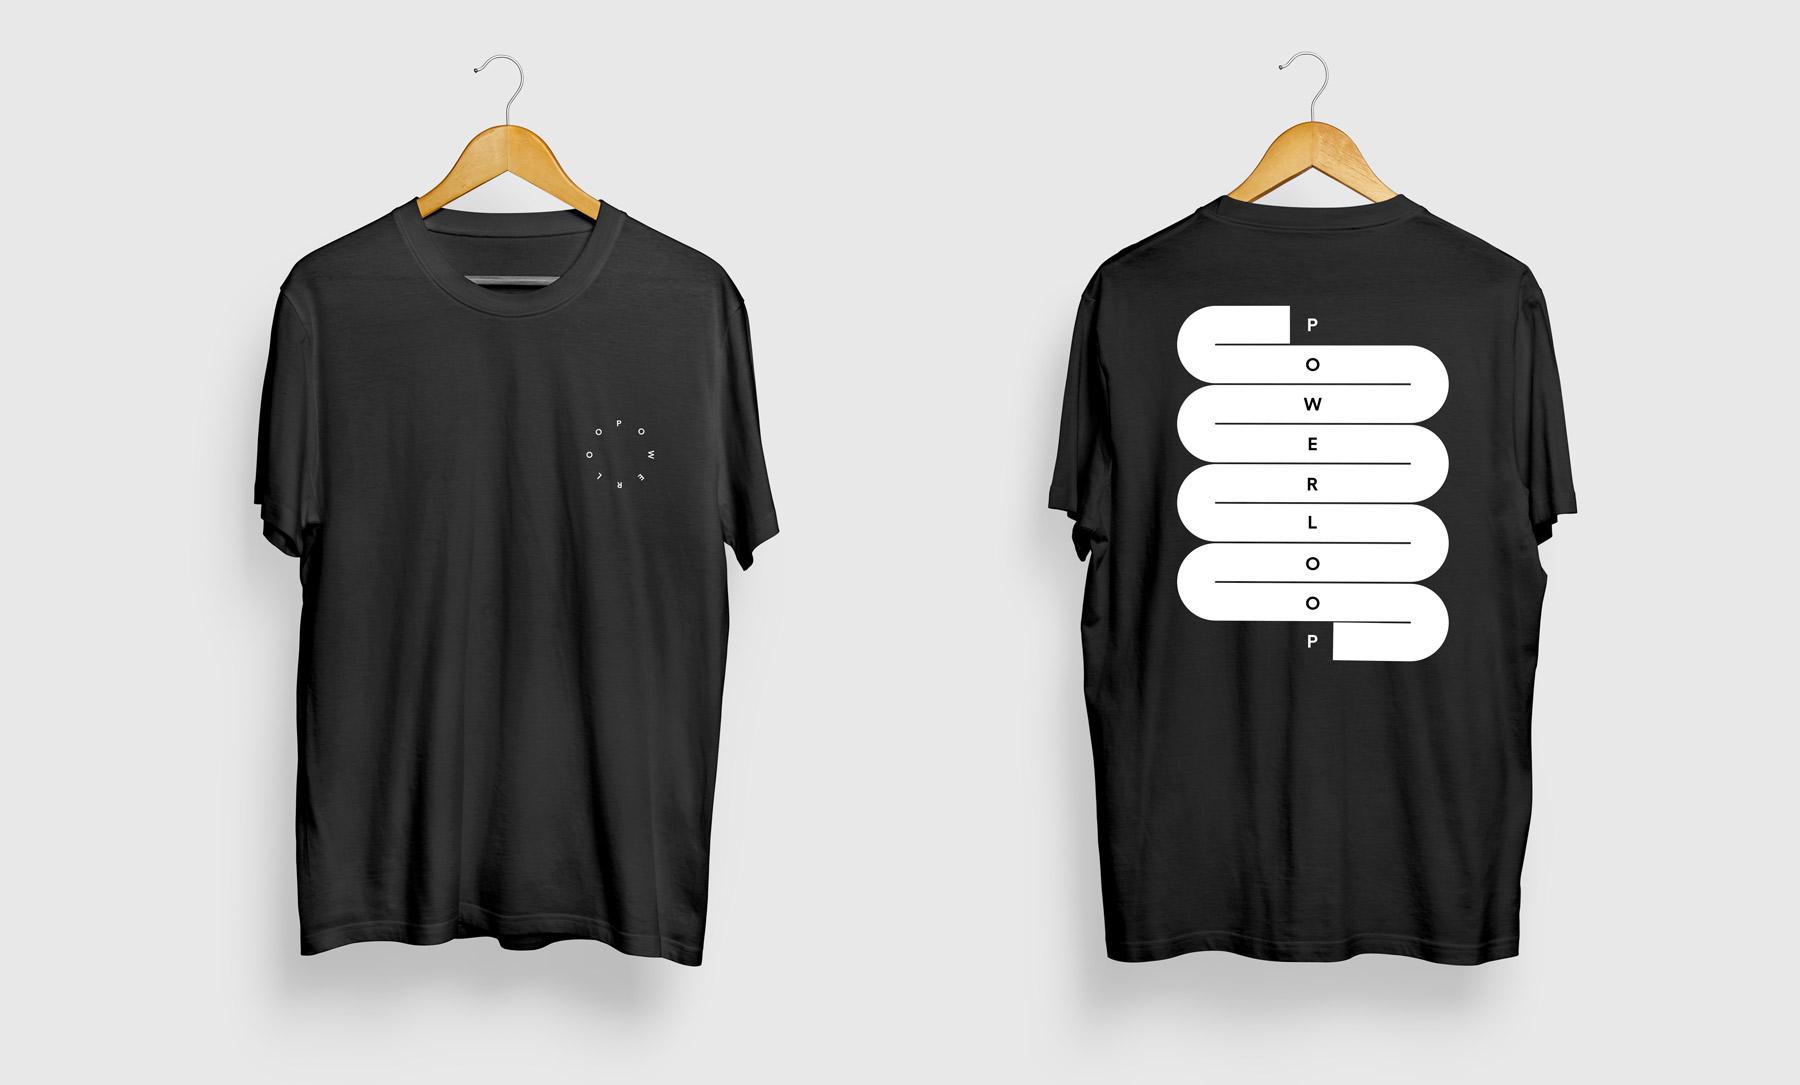 Powerloop-T_Shirt-01.jpg